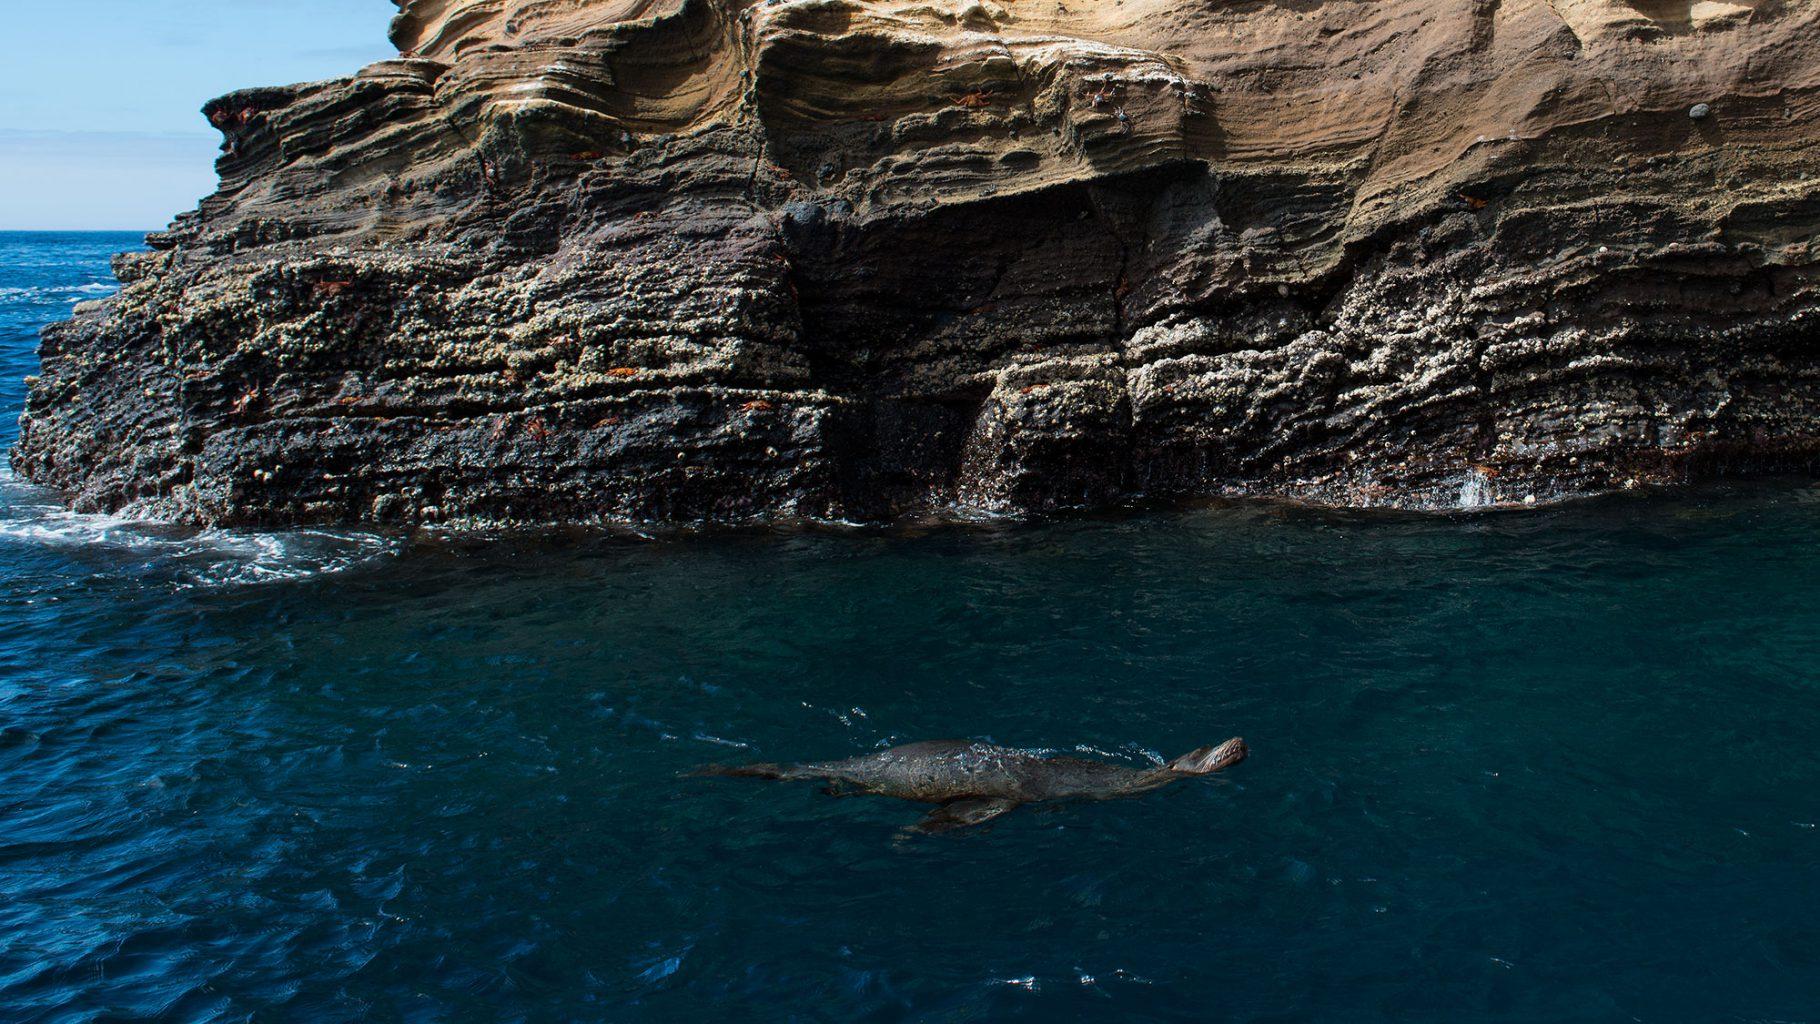 Galapagos Islands - Punta Vicente Roca